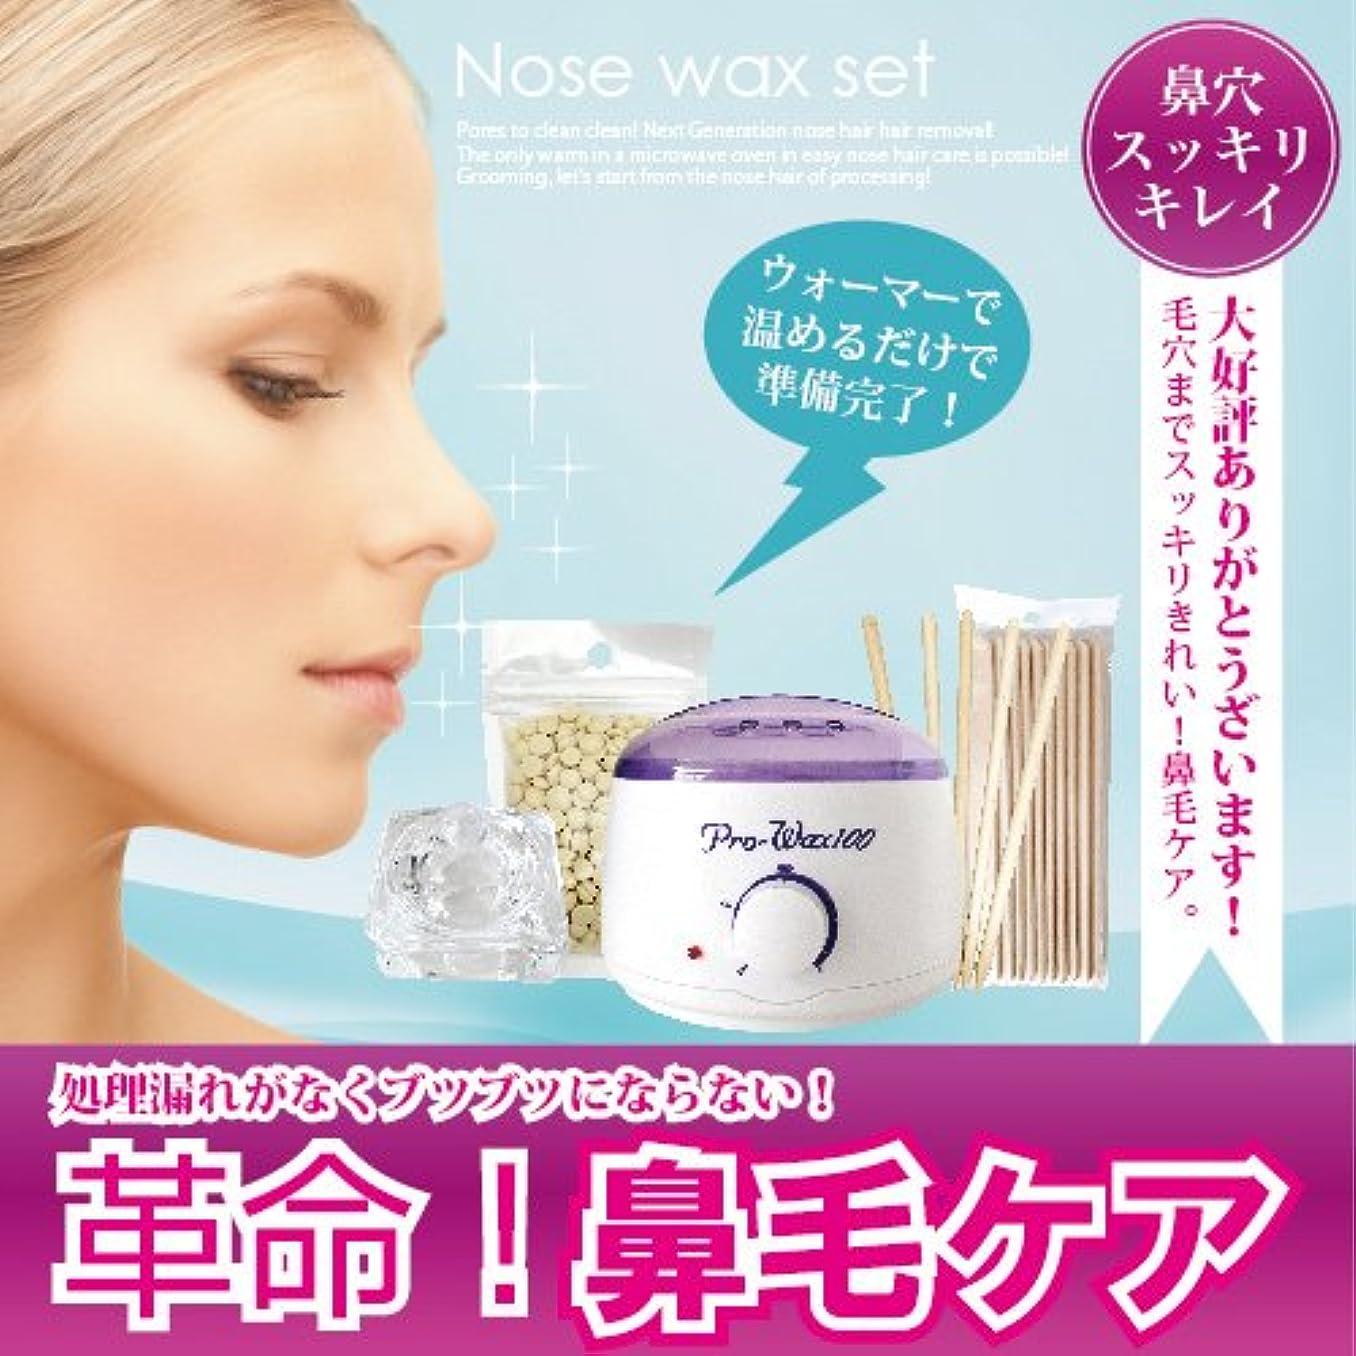 リンケージオーケストラエッセイブラジリアンワックス Nose wax setウォーマー付ノーズワックス鼻毛ケアセット(約12回分)